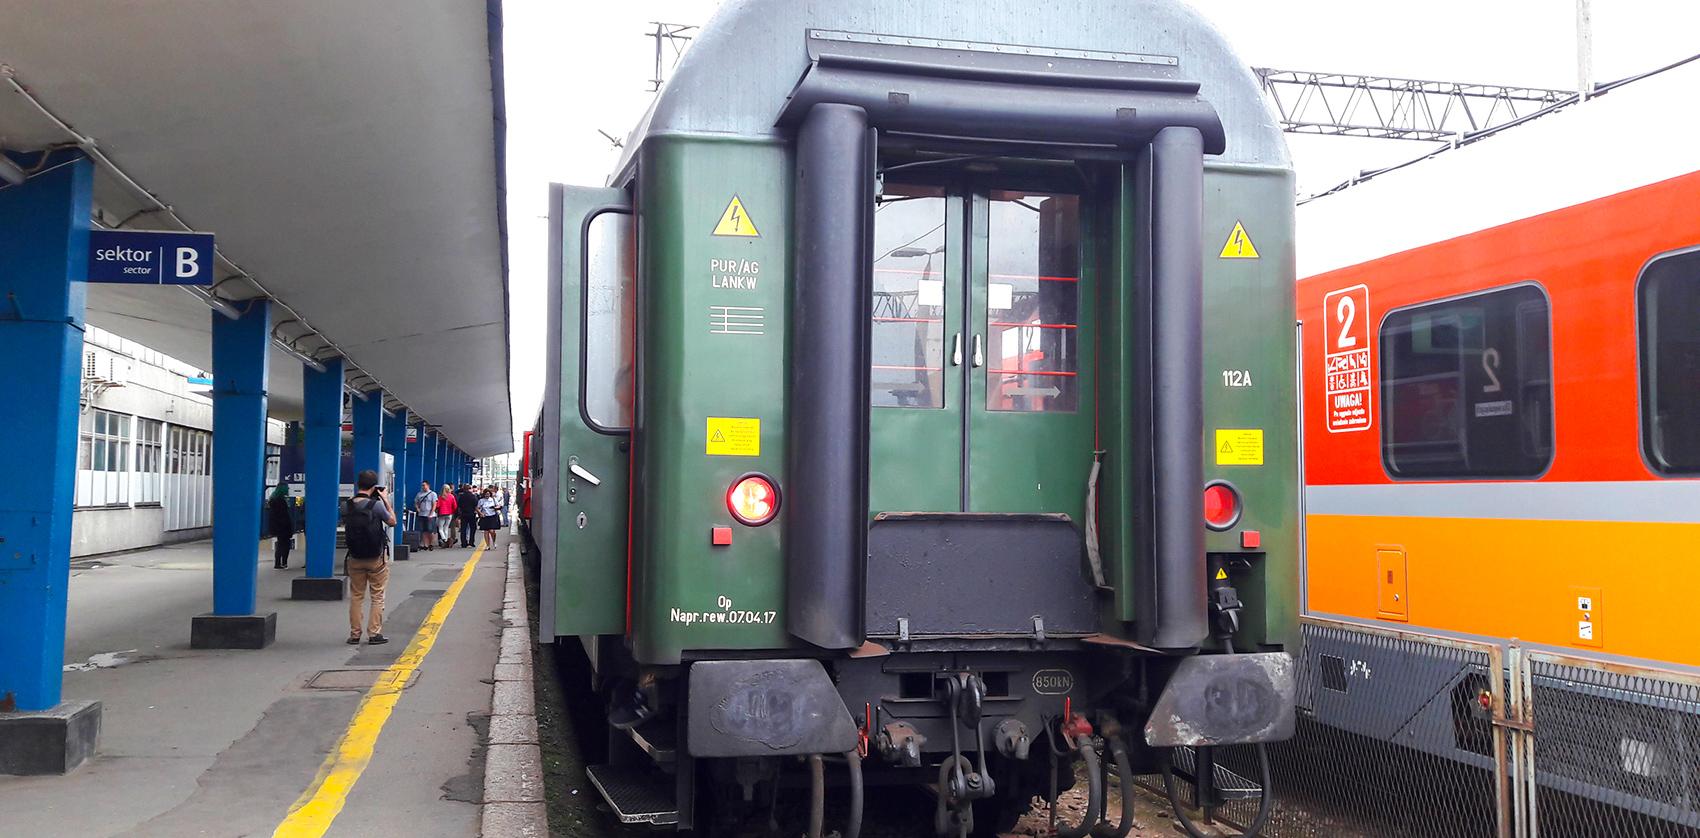 pociąg, zabytkowy pociąg, parowóz, stary pociąg